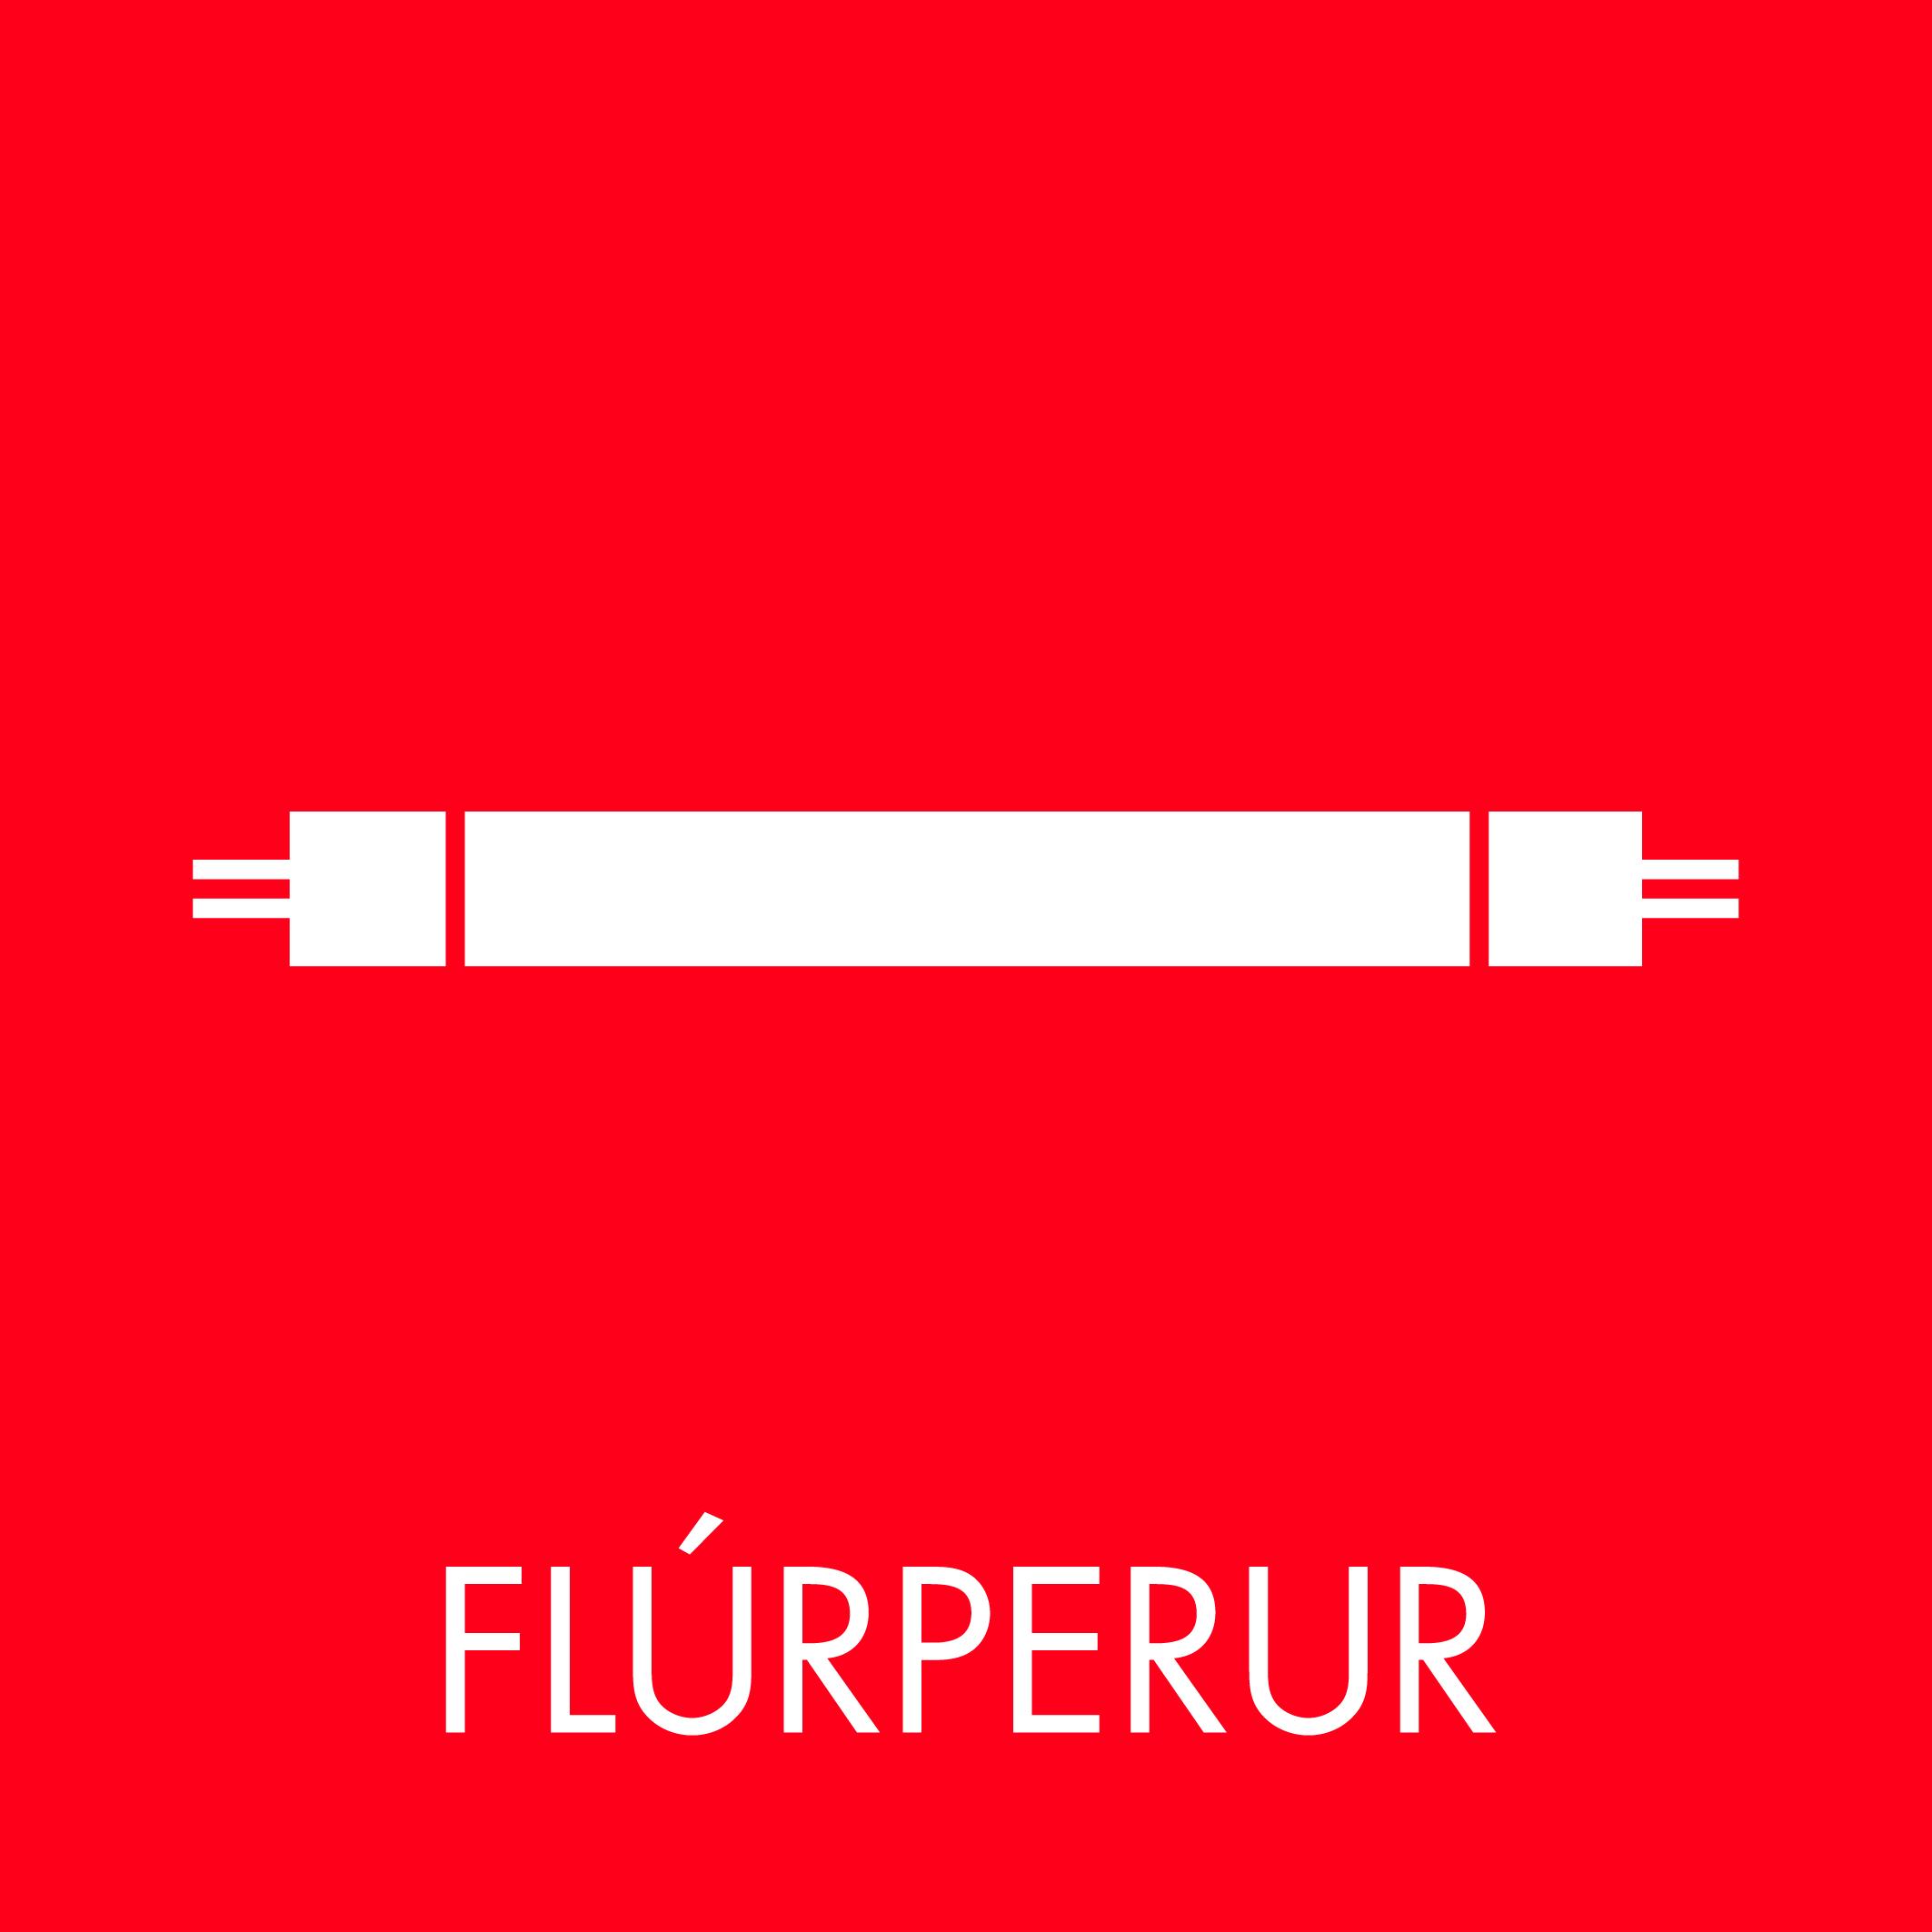 Flúrperur